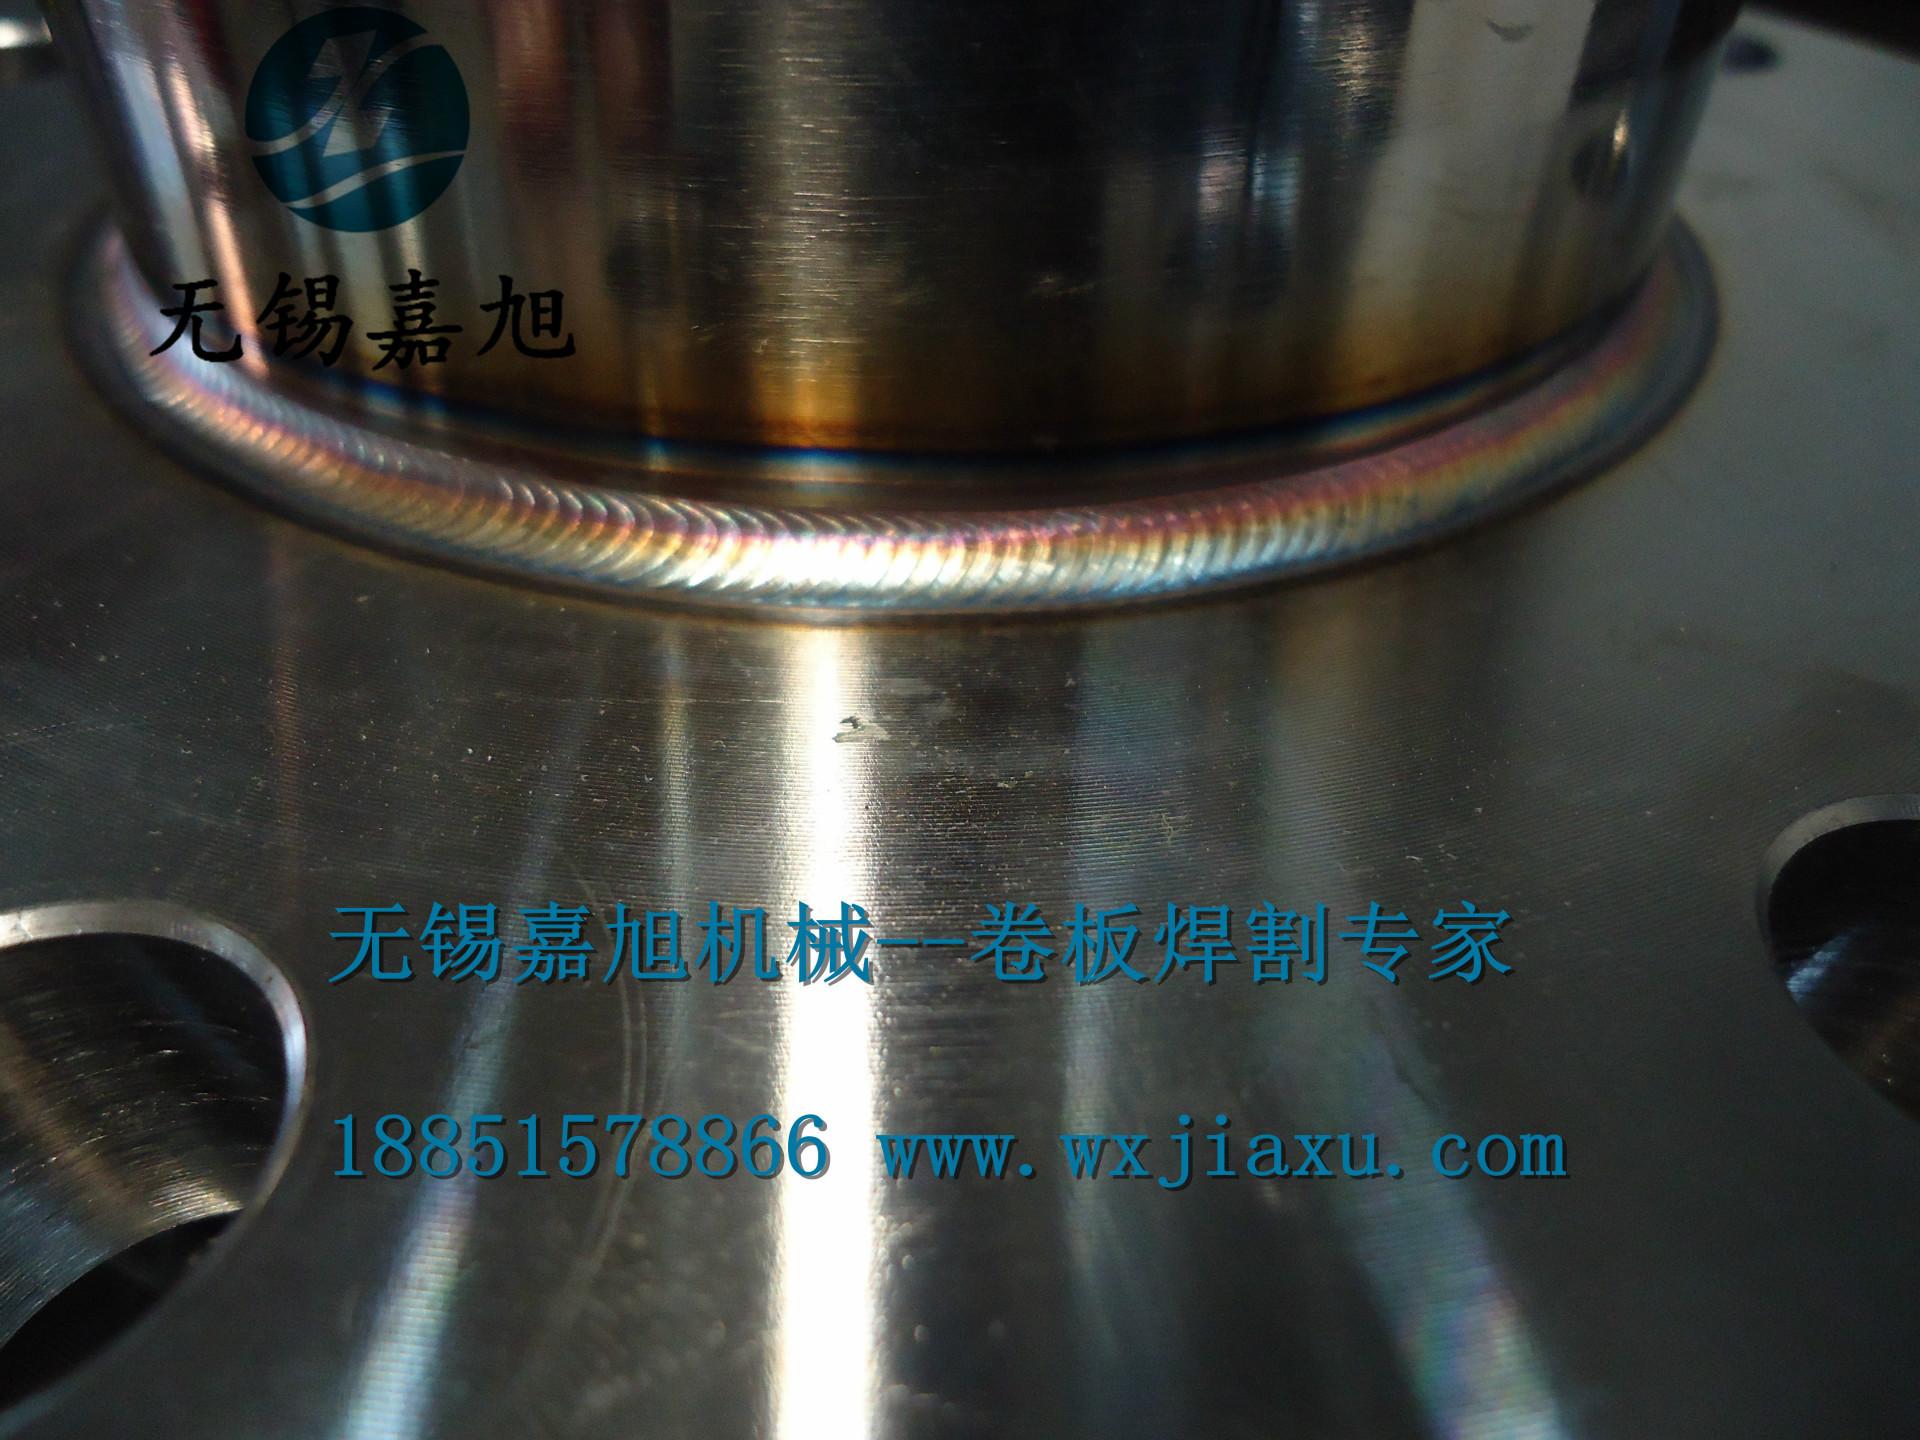 全自动环缝焊接机半自动环缝焊接机环缝自动焊接机厂家直供